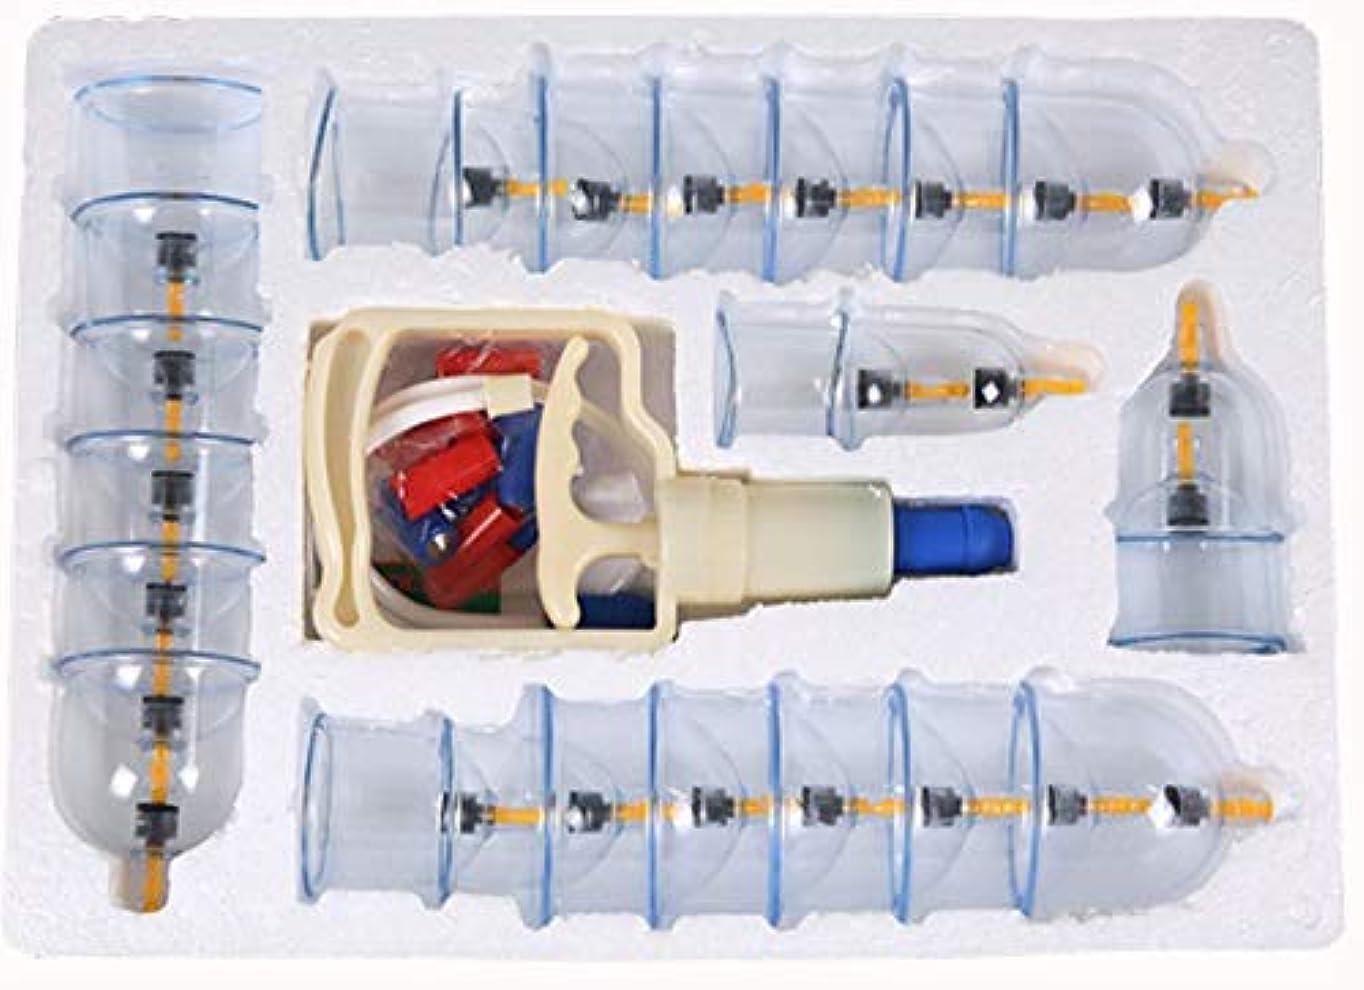 北品種送る(ラフマトーン) カッピング 吸い玉 大きいカップが多い 吸い玉 5種 24個セット 磁針 12個 関節用カップ付 脂肪吸引 自宅エステ